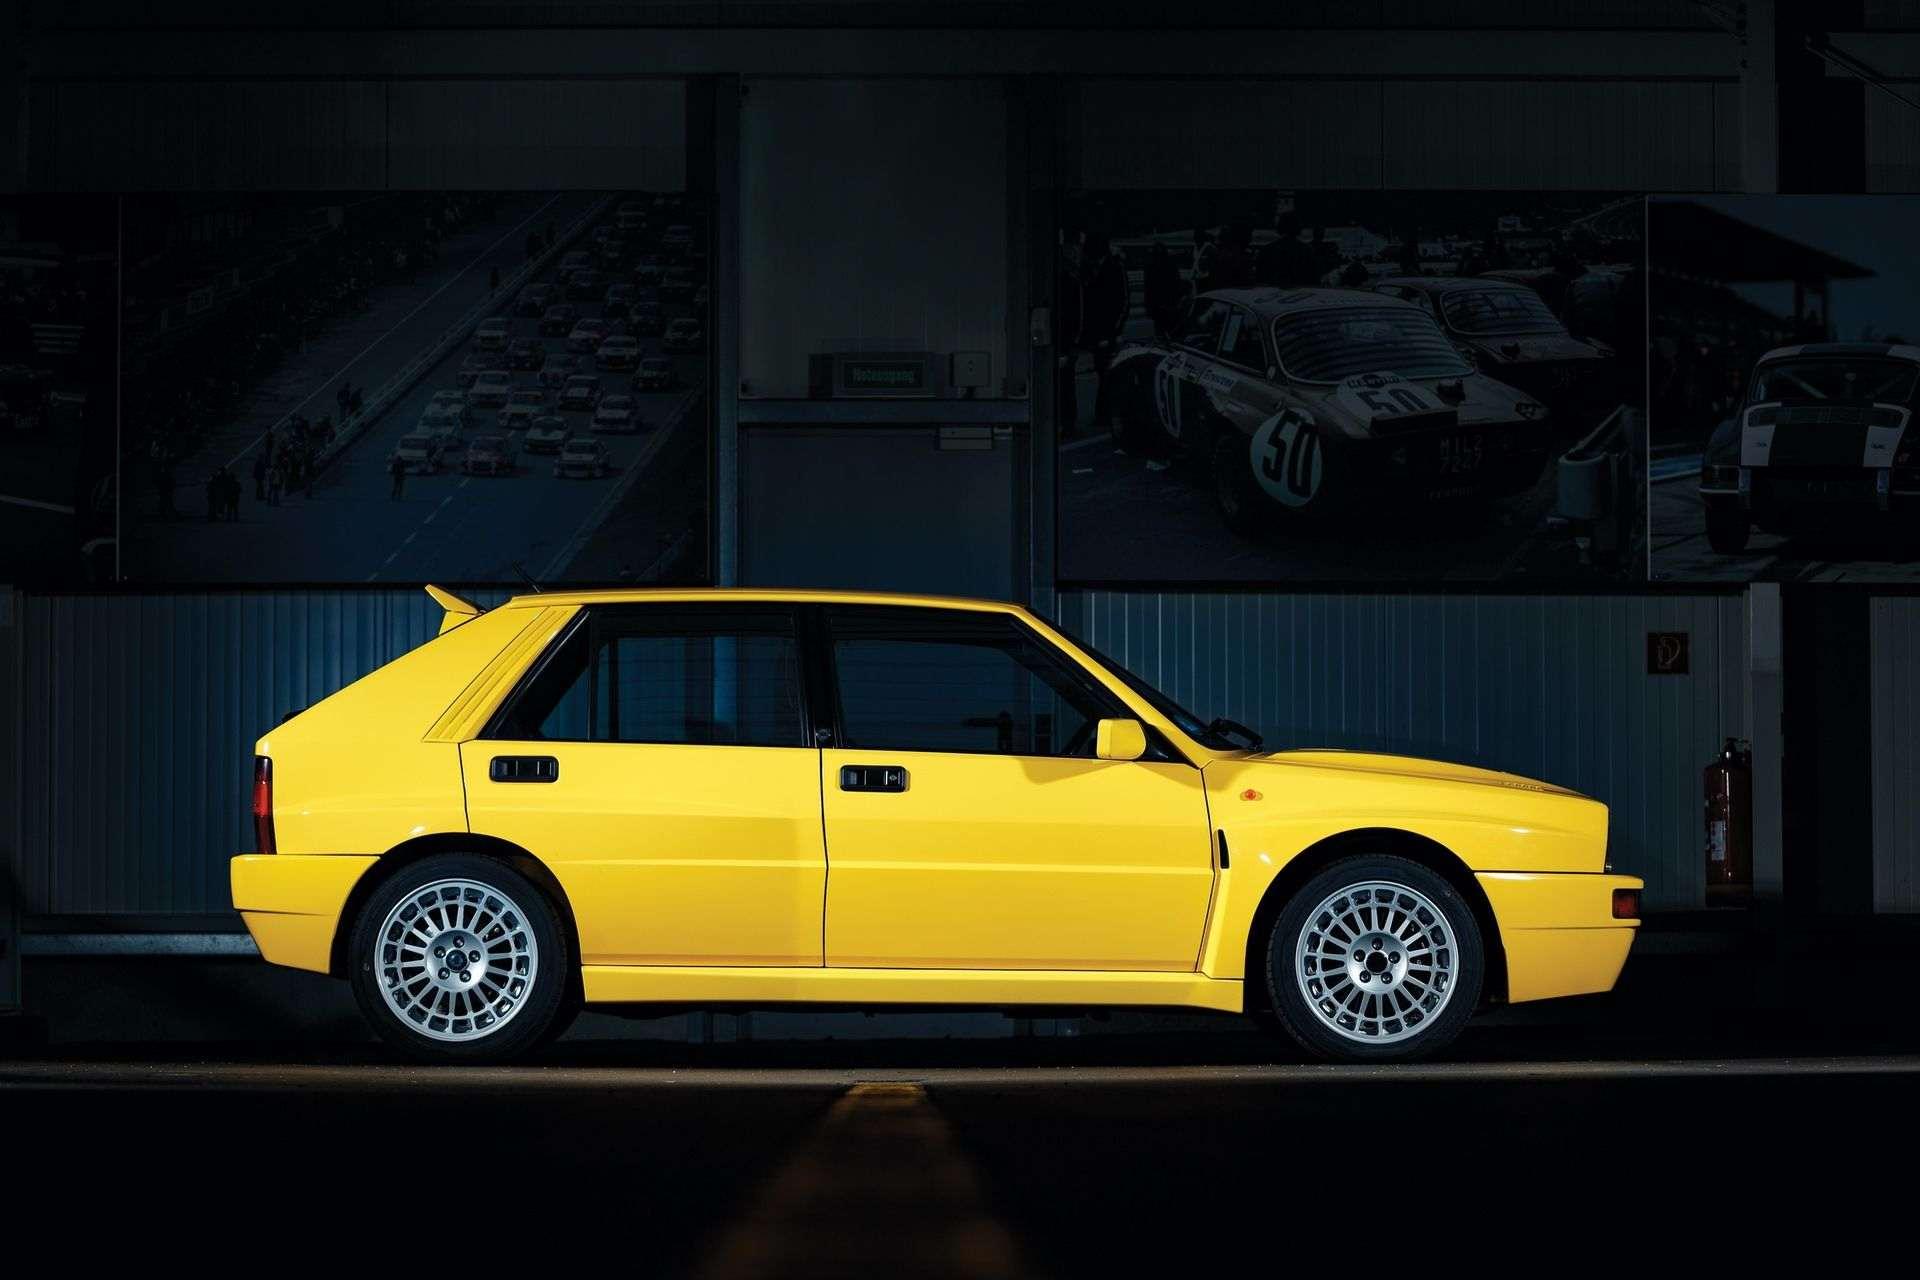 1993-Lancia-Delta-HF-Integrale-Evoluzione-II-_4